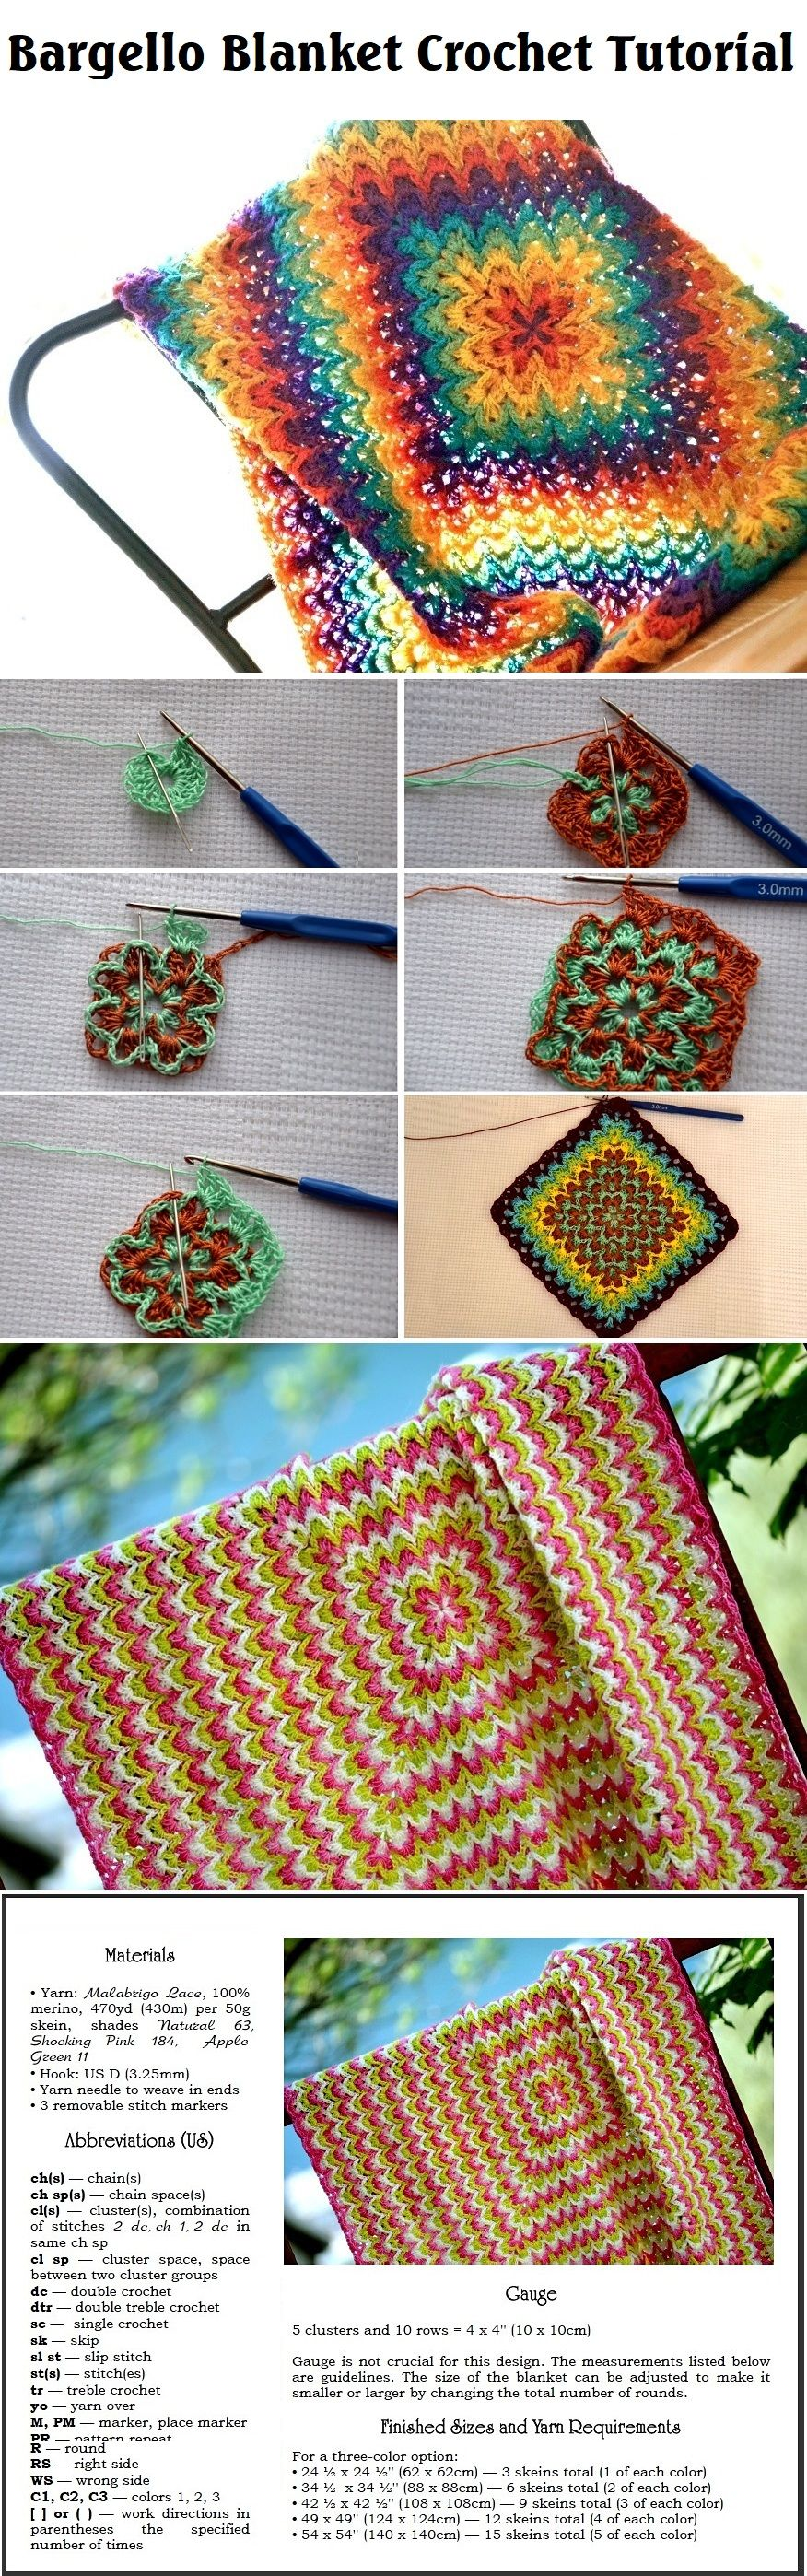 Crochet Bargello Blanket | Häkeln, Häkeldecke und Decken